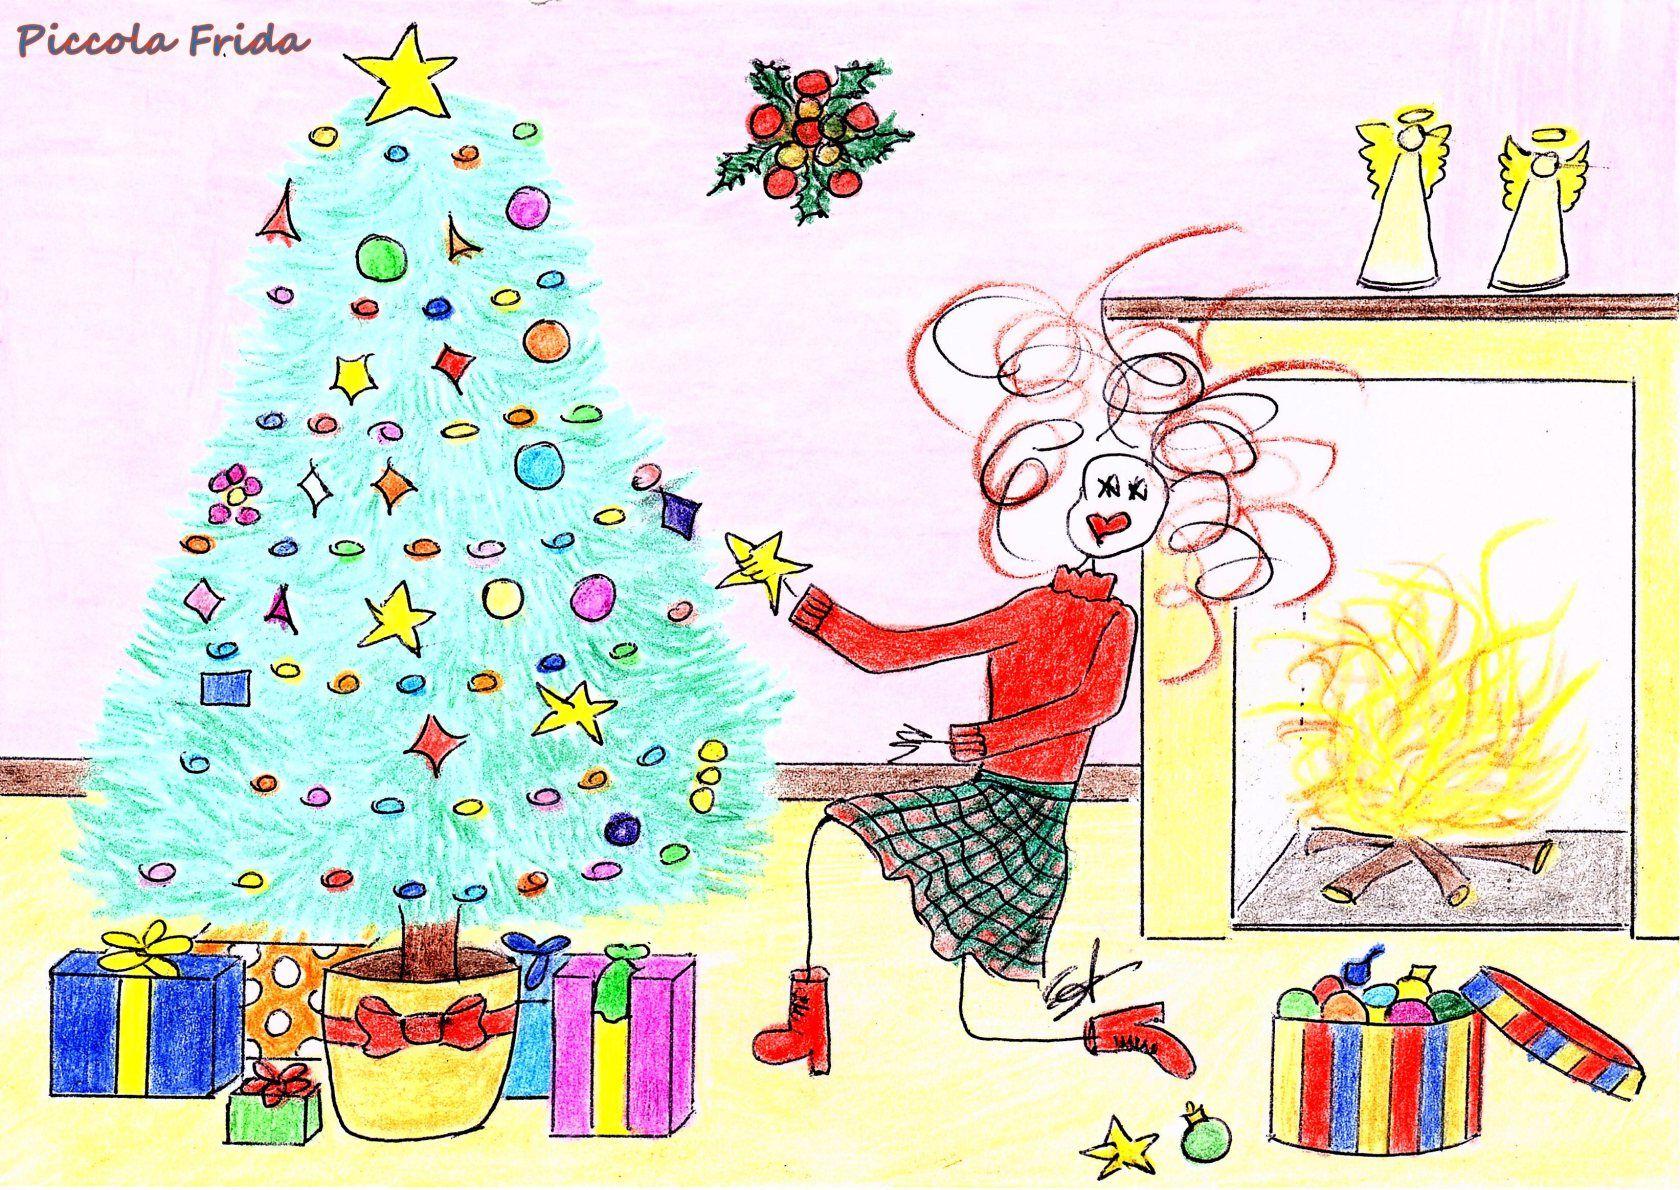 Albero Di Natale 8 Dicembre.L Albero Di Natale Natale Illustrazioni E Disegni Alberi Di